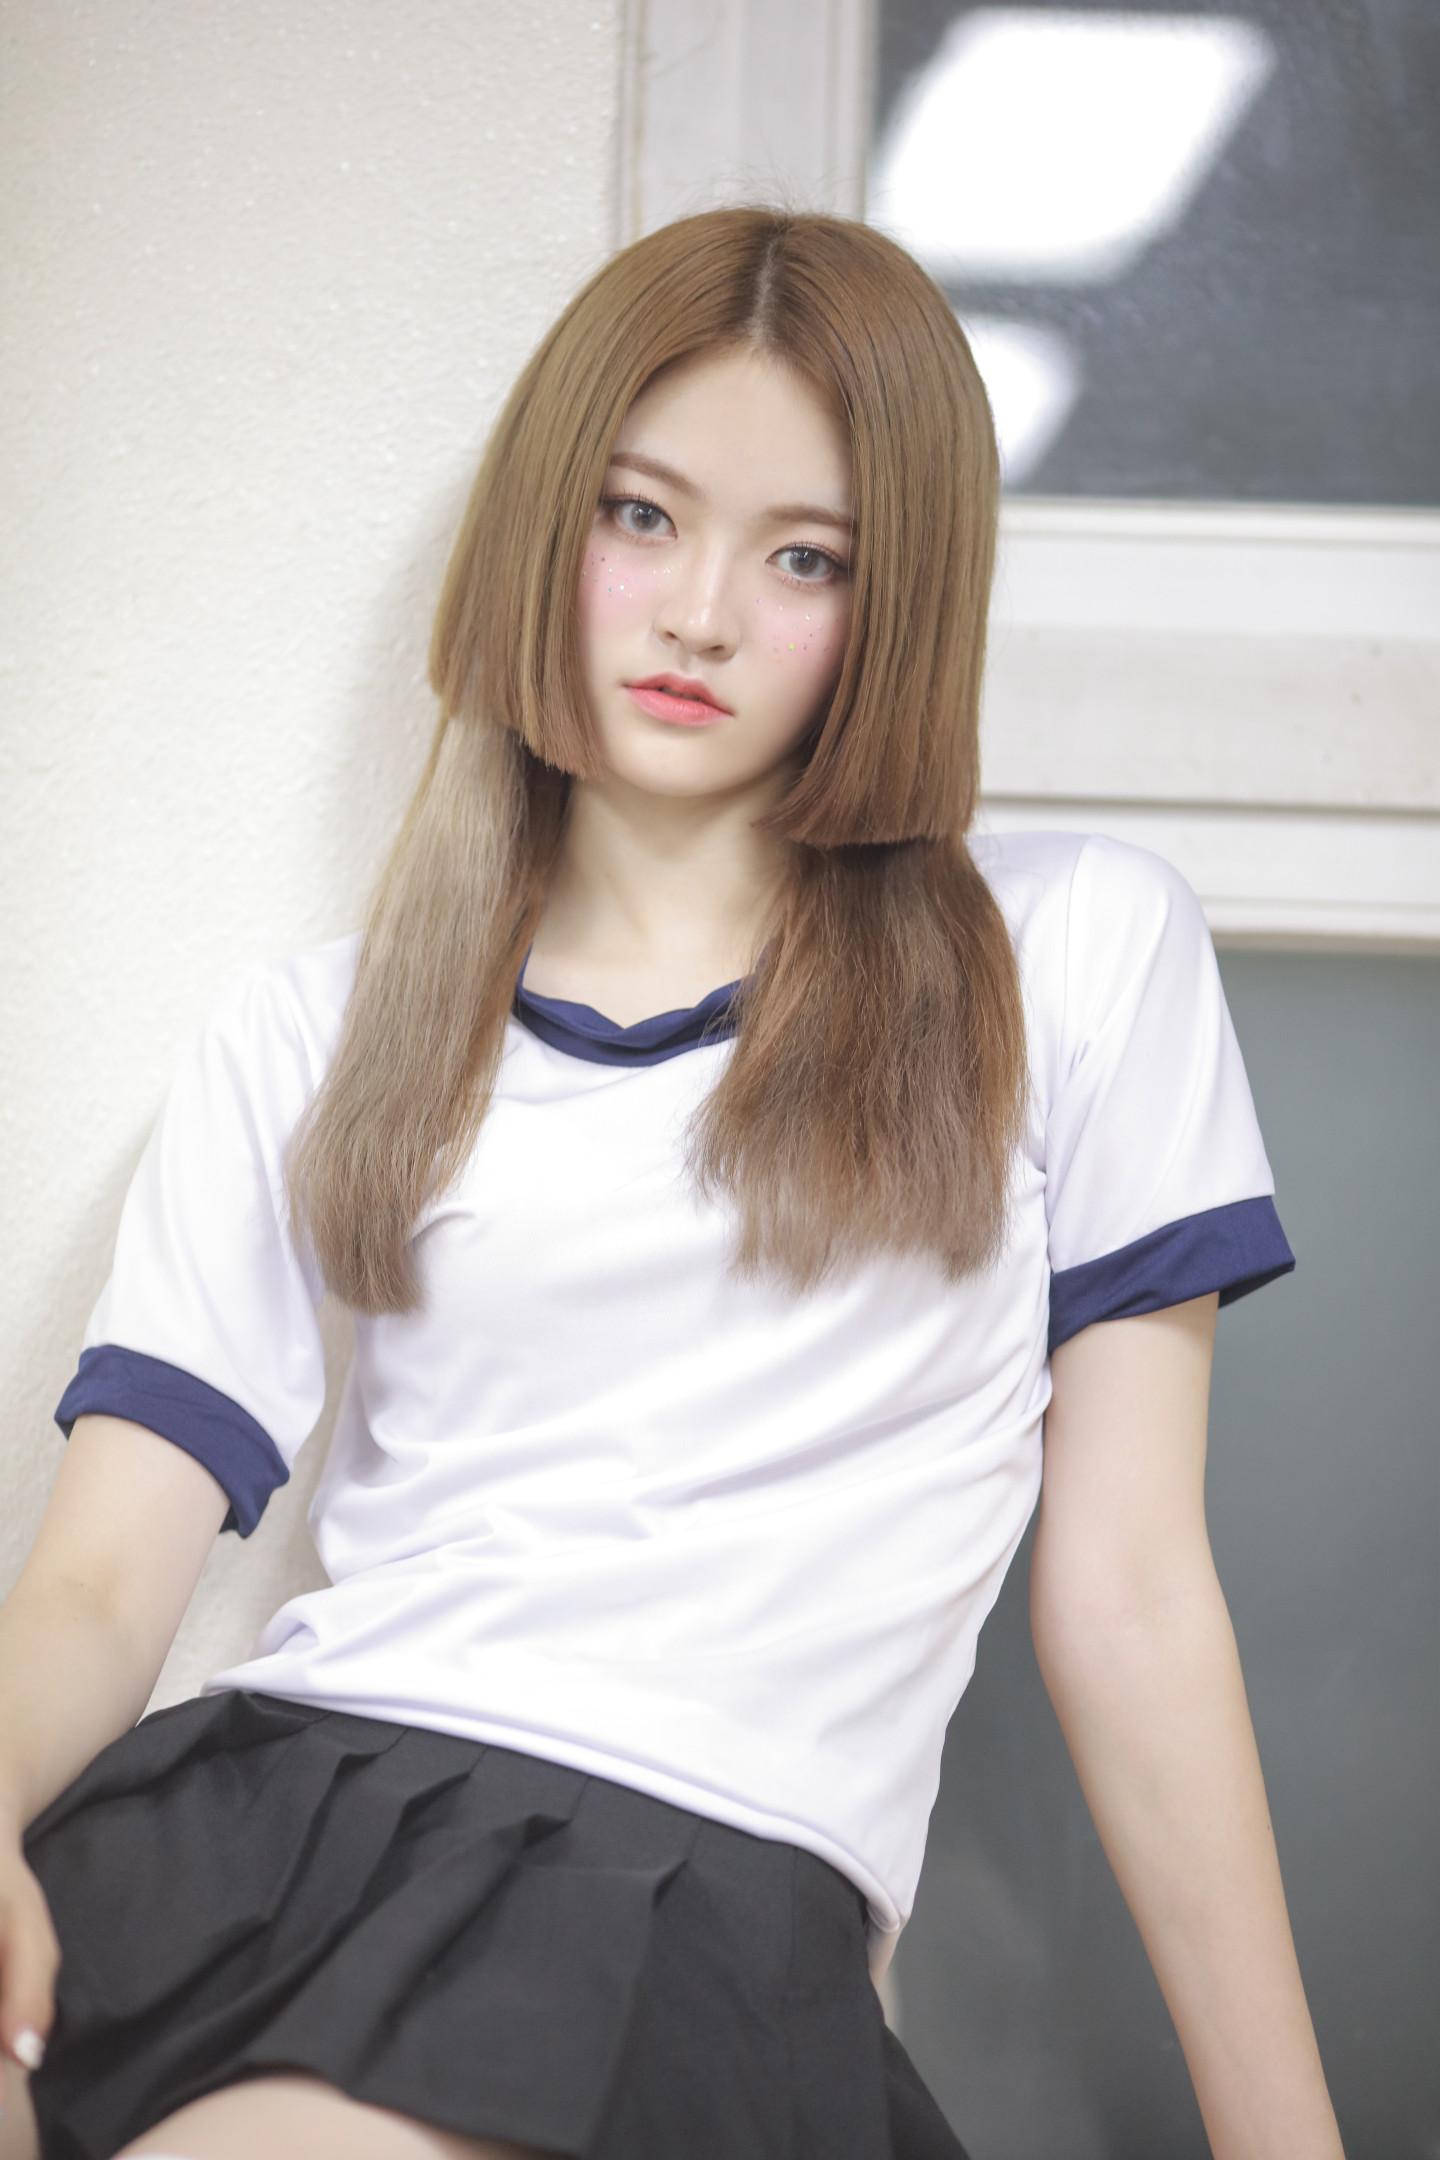 mannequin - somyi